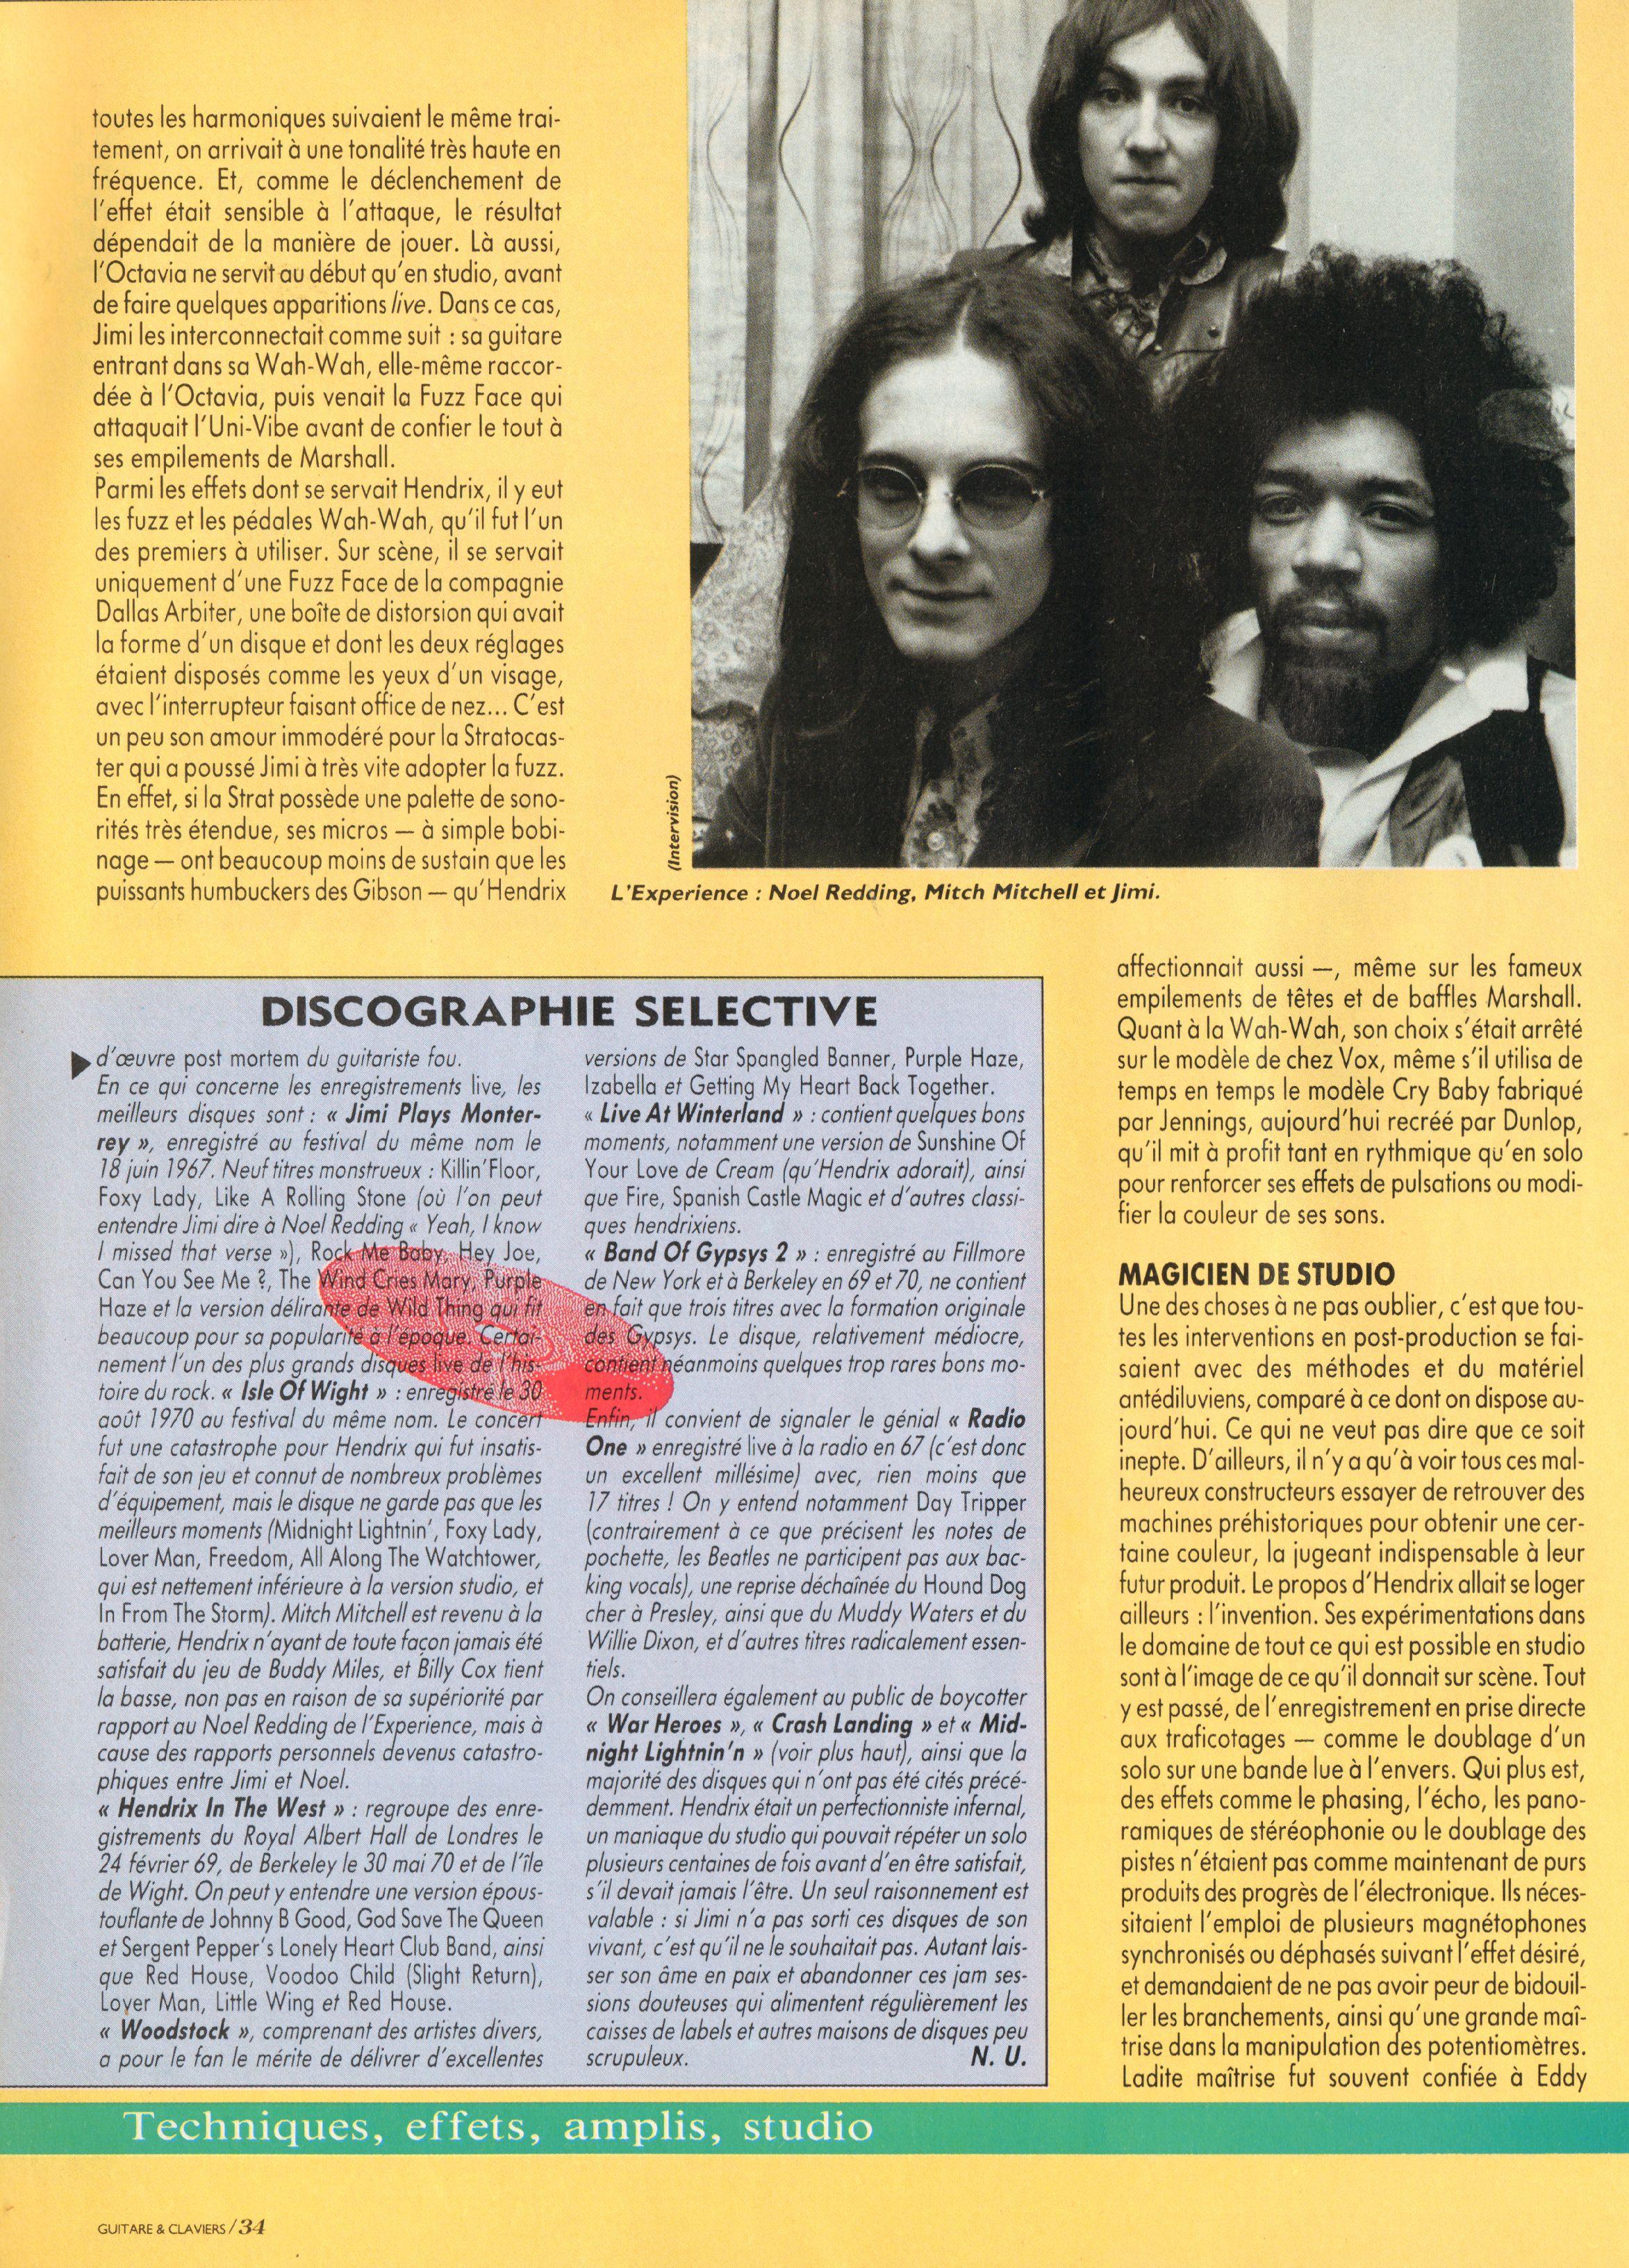 Magazines Français 1989 - 2014 GuitareClaviersJuilletAout1991Page34